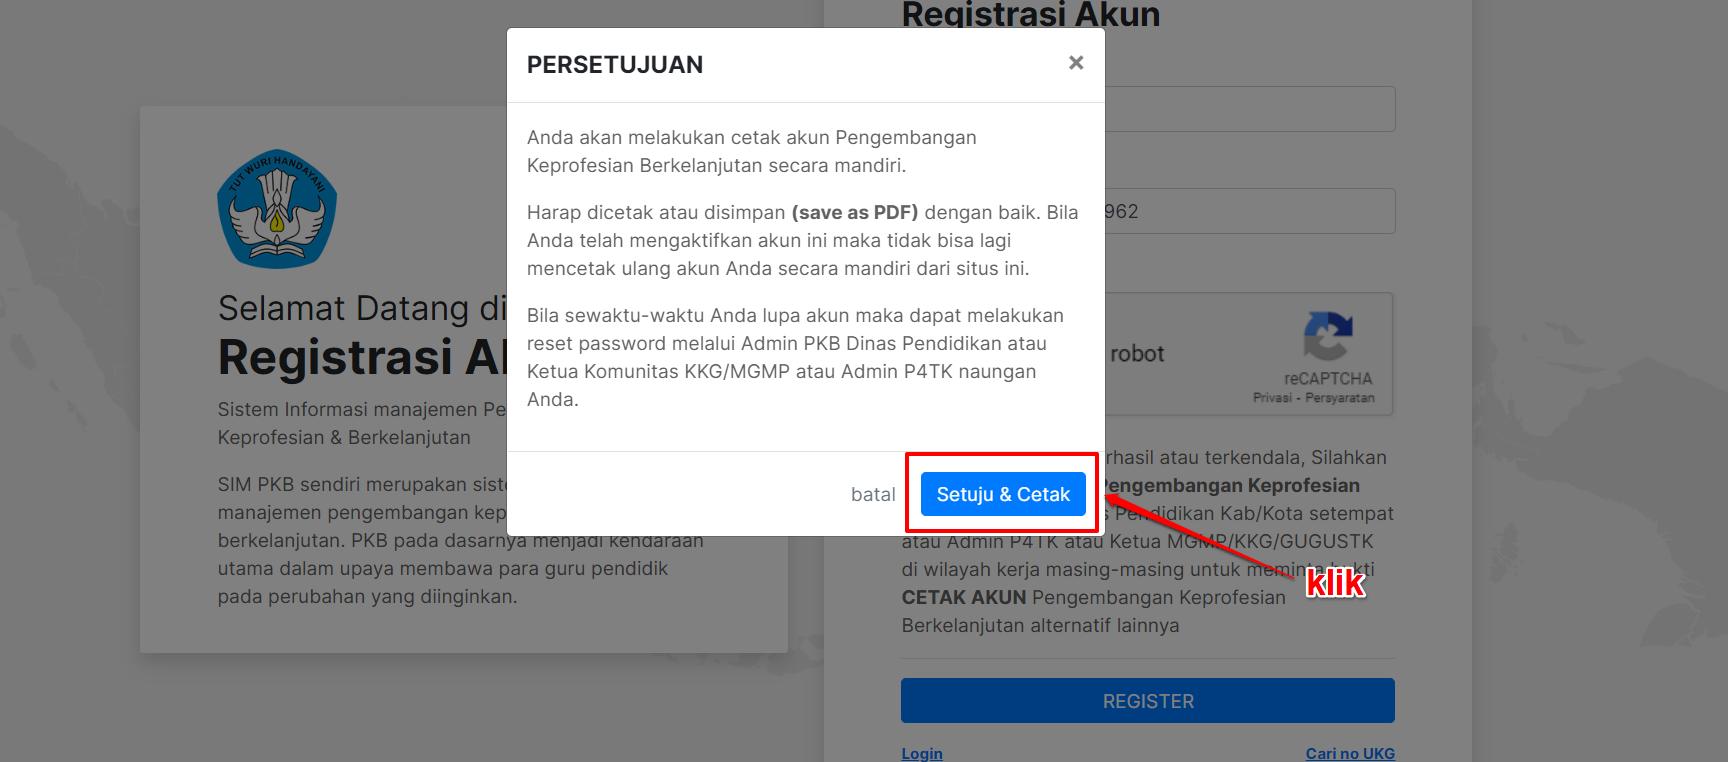 Panduan-Registrasi-Akun-SIM-PKB